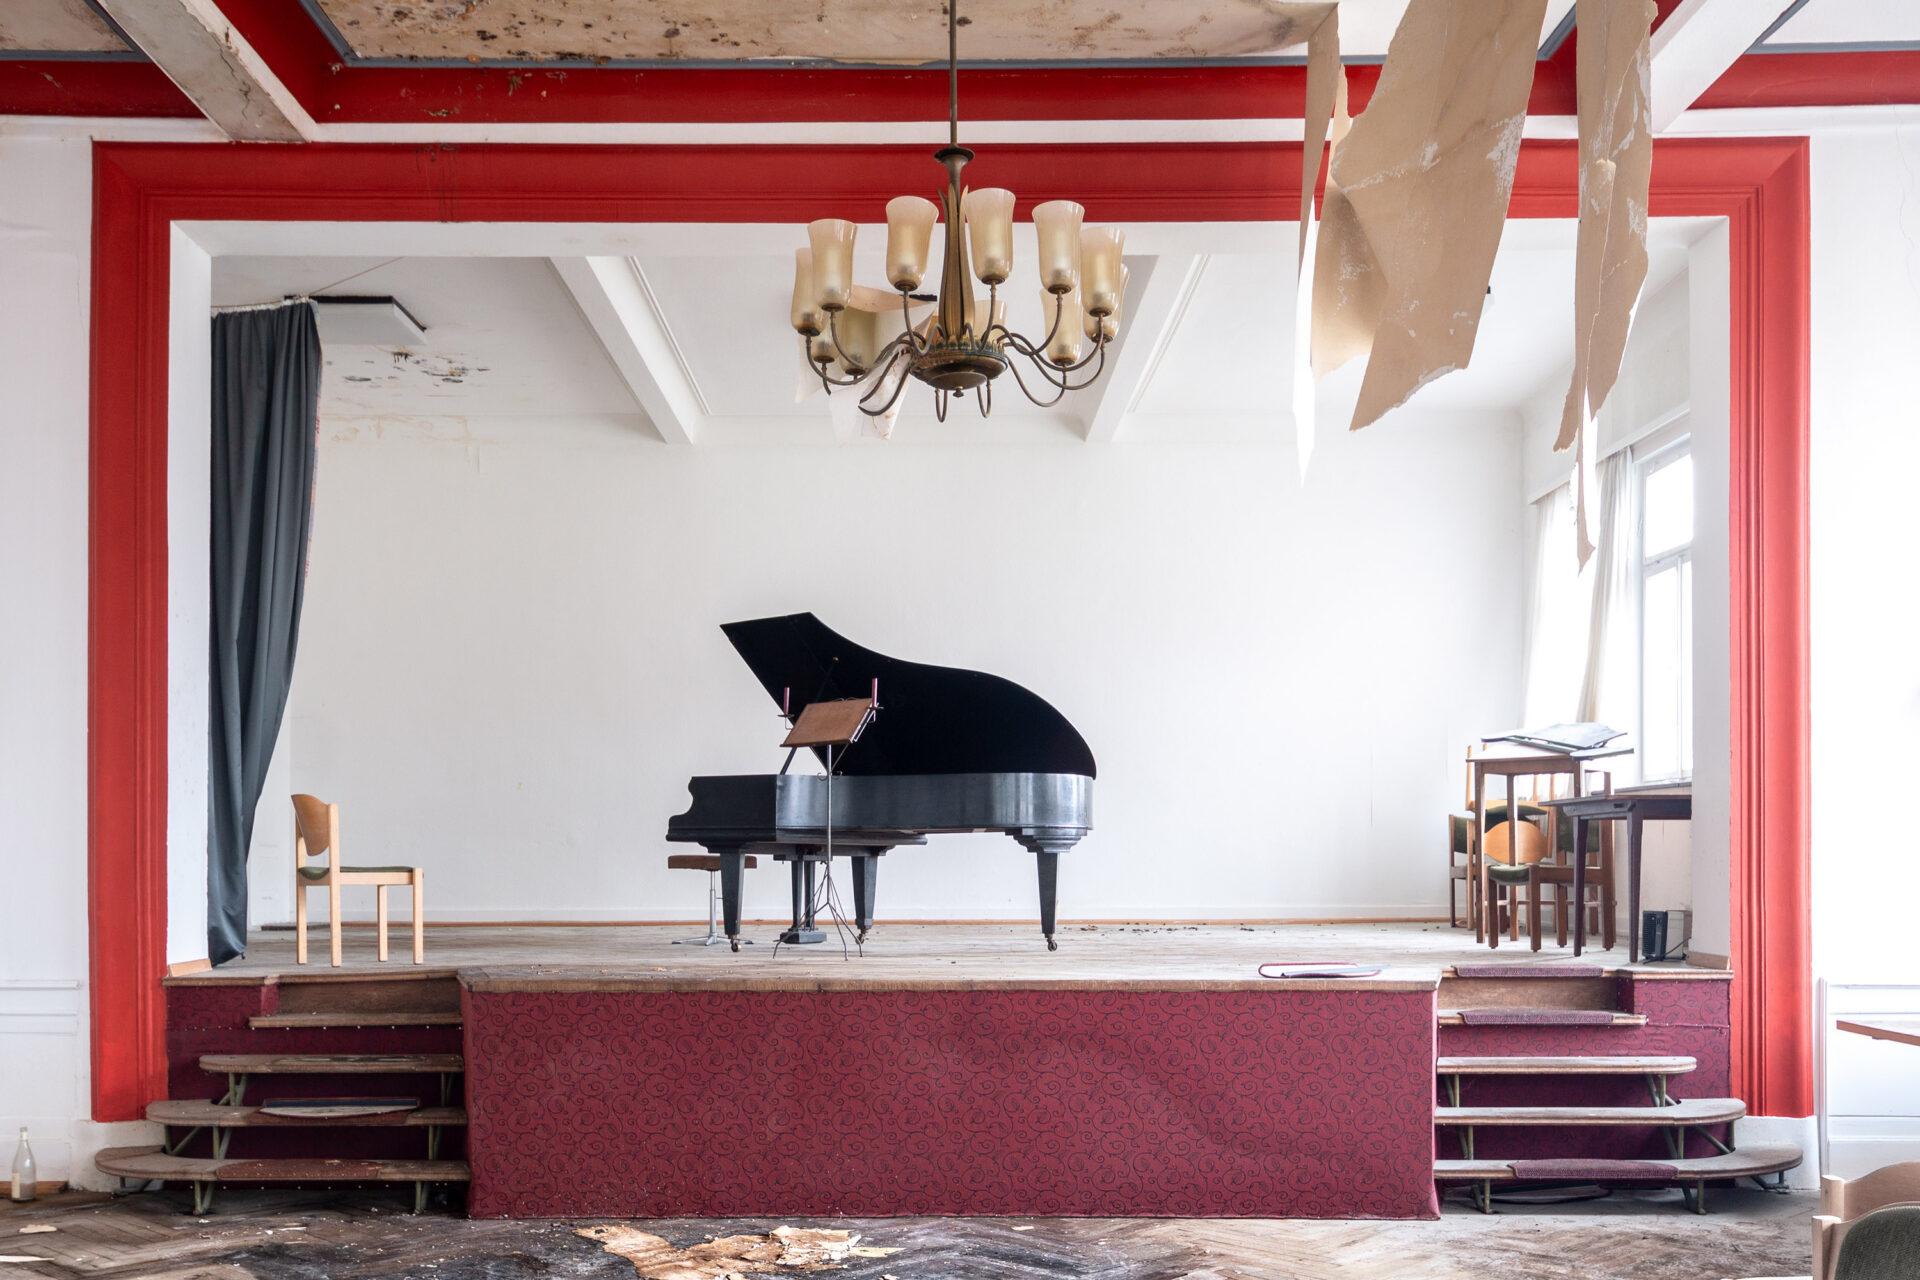 Requiem pour pianos 55 | Serie Requiem pour pianos | Romain Thiery